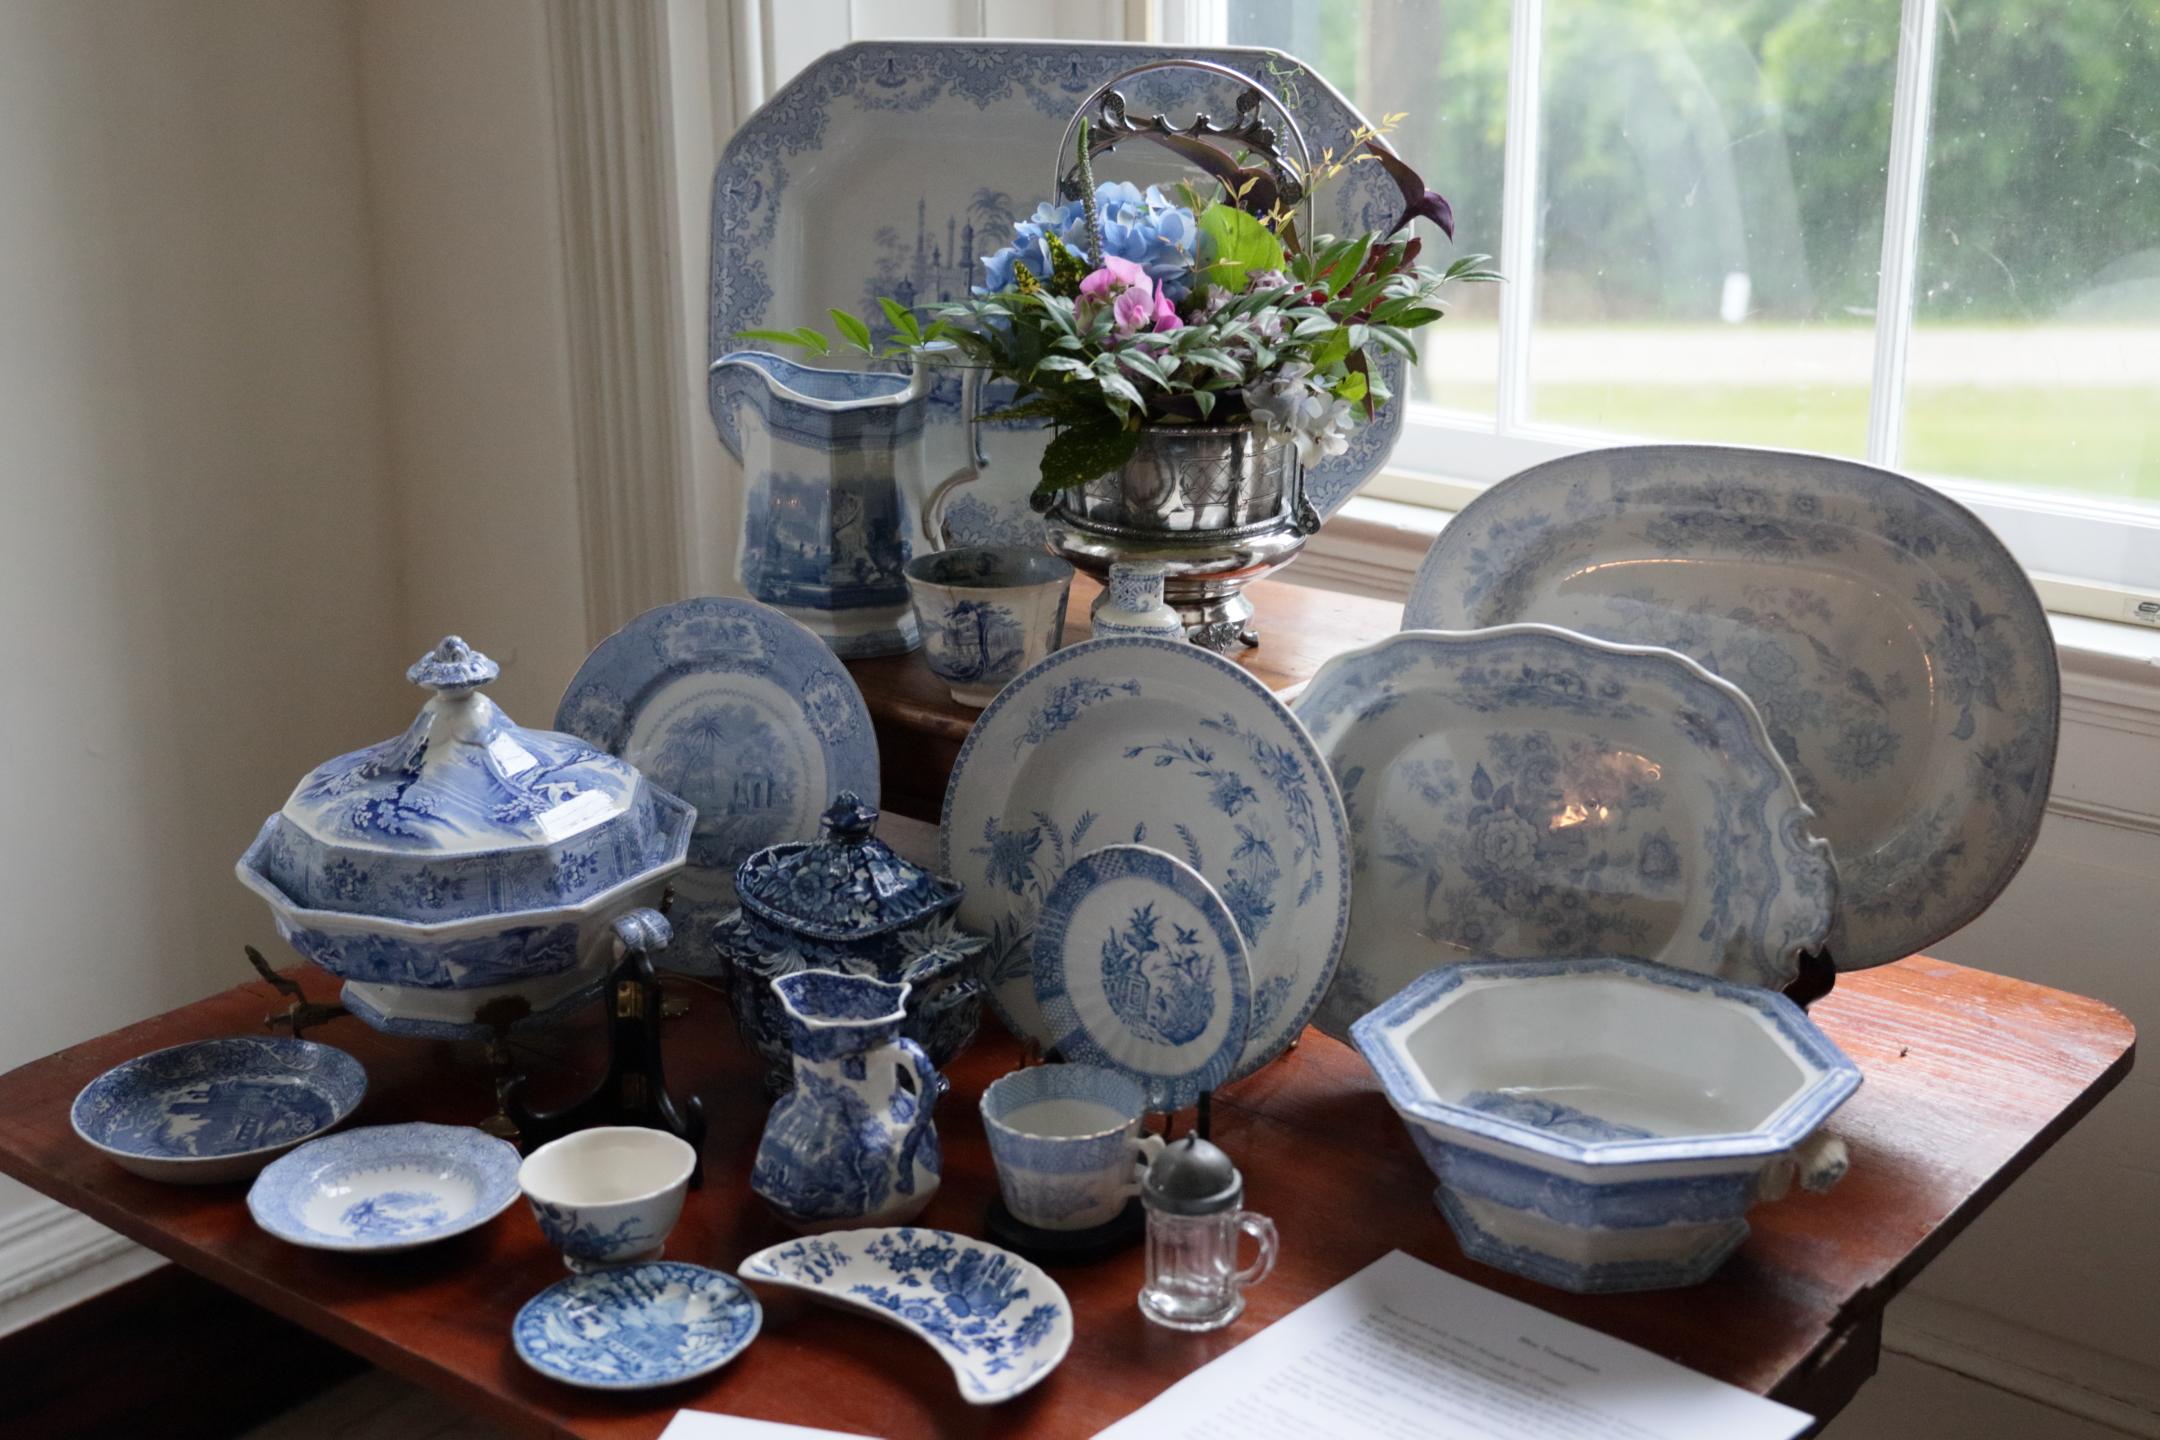 Art of the Dish Exhibit